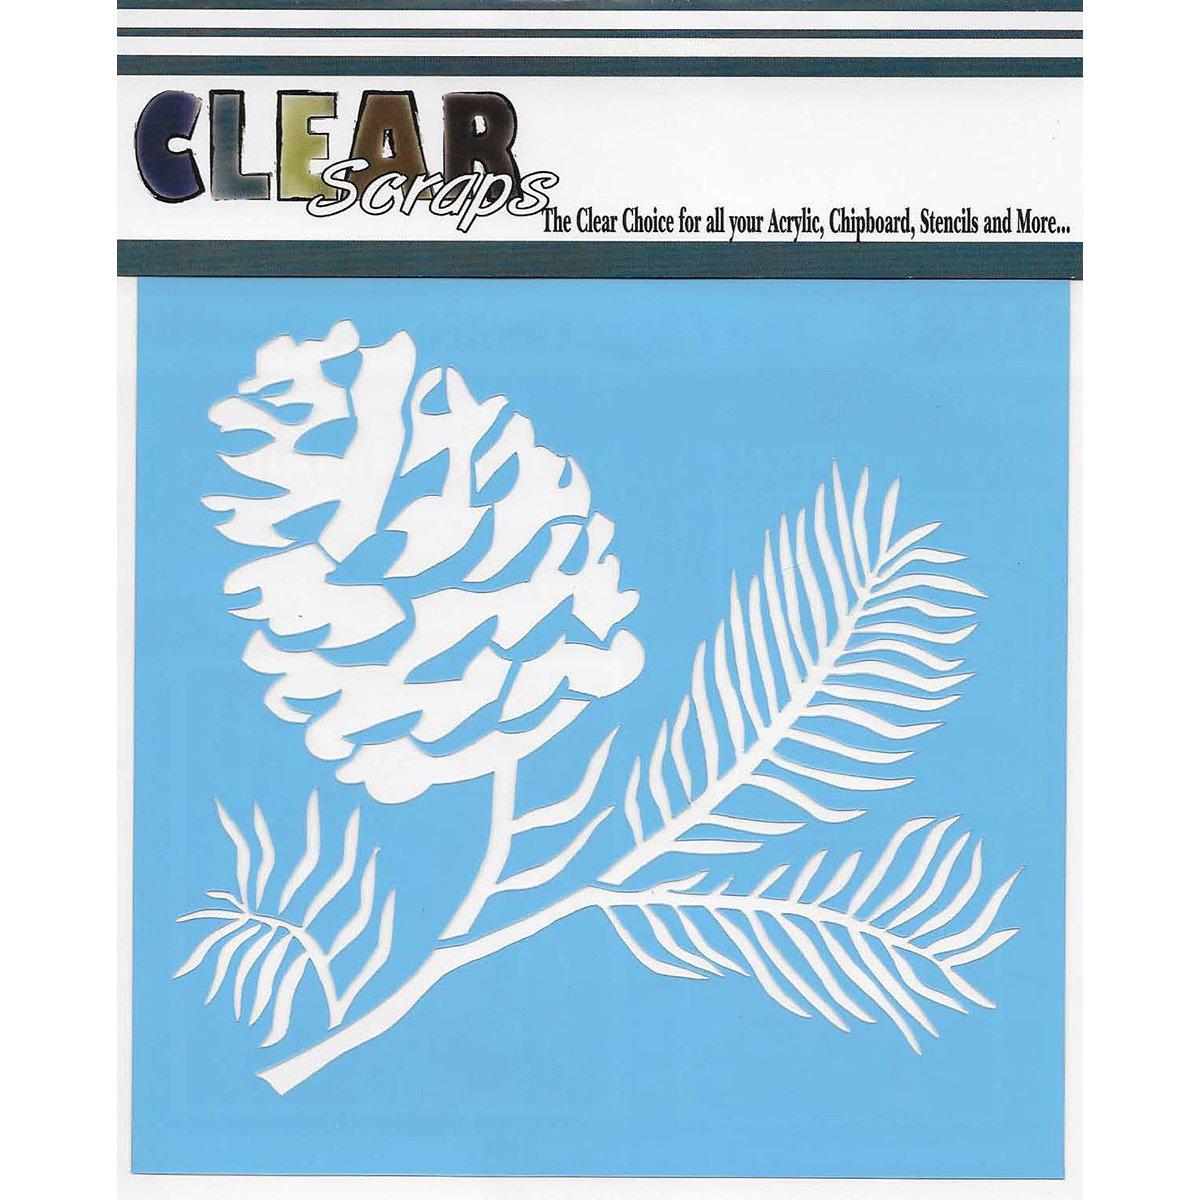 クリアスクラップス クリアーリー マイアクリル レターページ 9.5 x 5インチ 6パック B007WDPILE